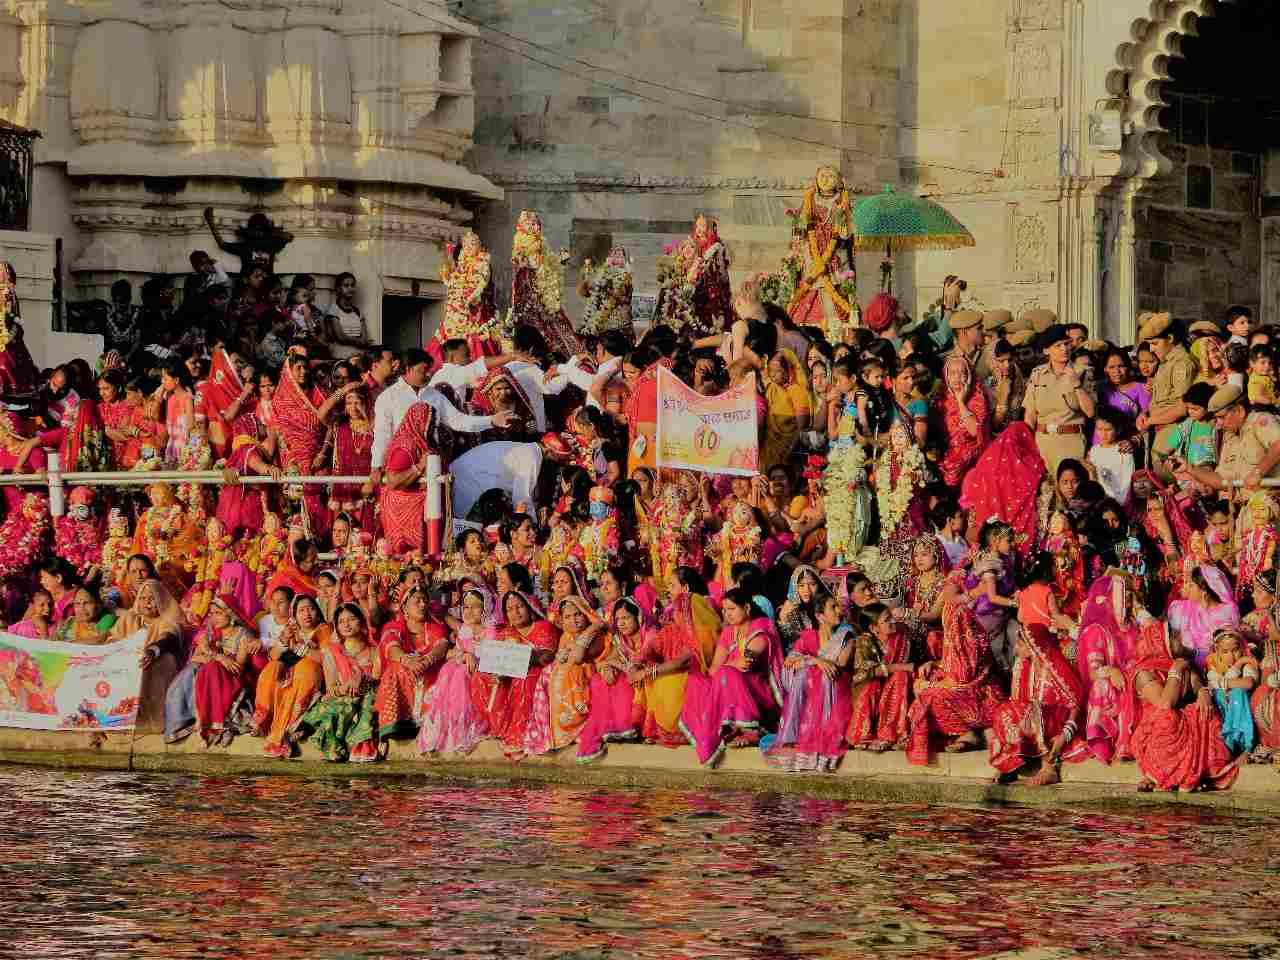 Wimmelbild_Indien